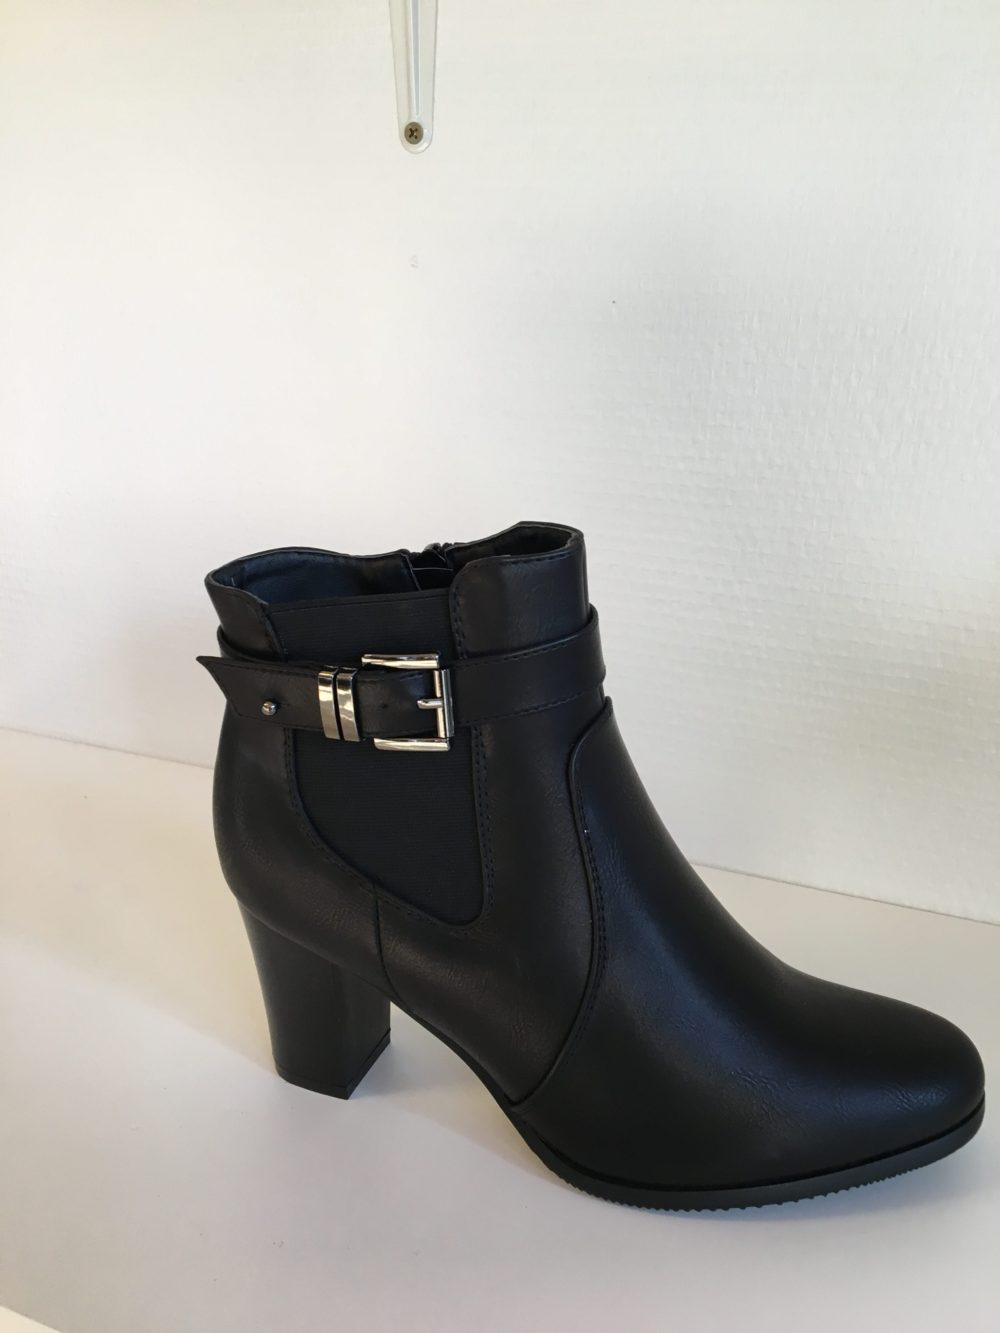 678ec01eec49 Super mode Ankelstøvle Sort - Ladies Fashion